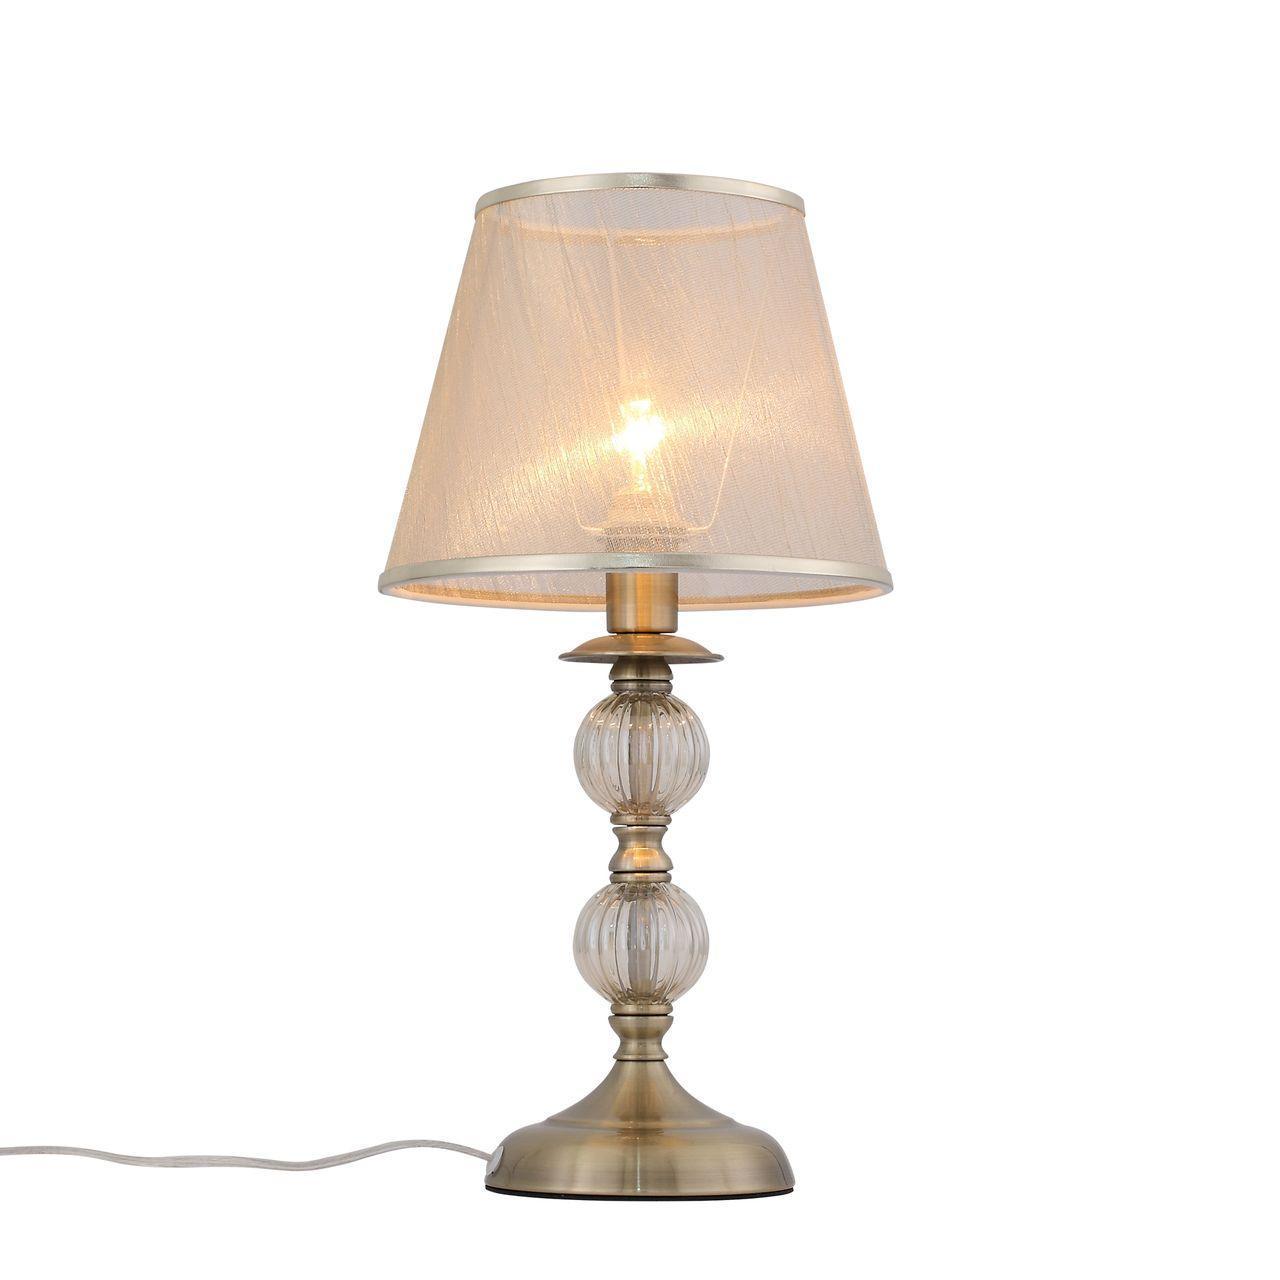 Настольная лампа ST Luce Grazia SL185.304.01 st luce настольная лампа st luce grazia sl185 304 01